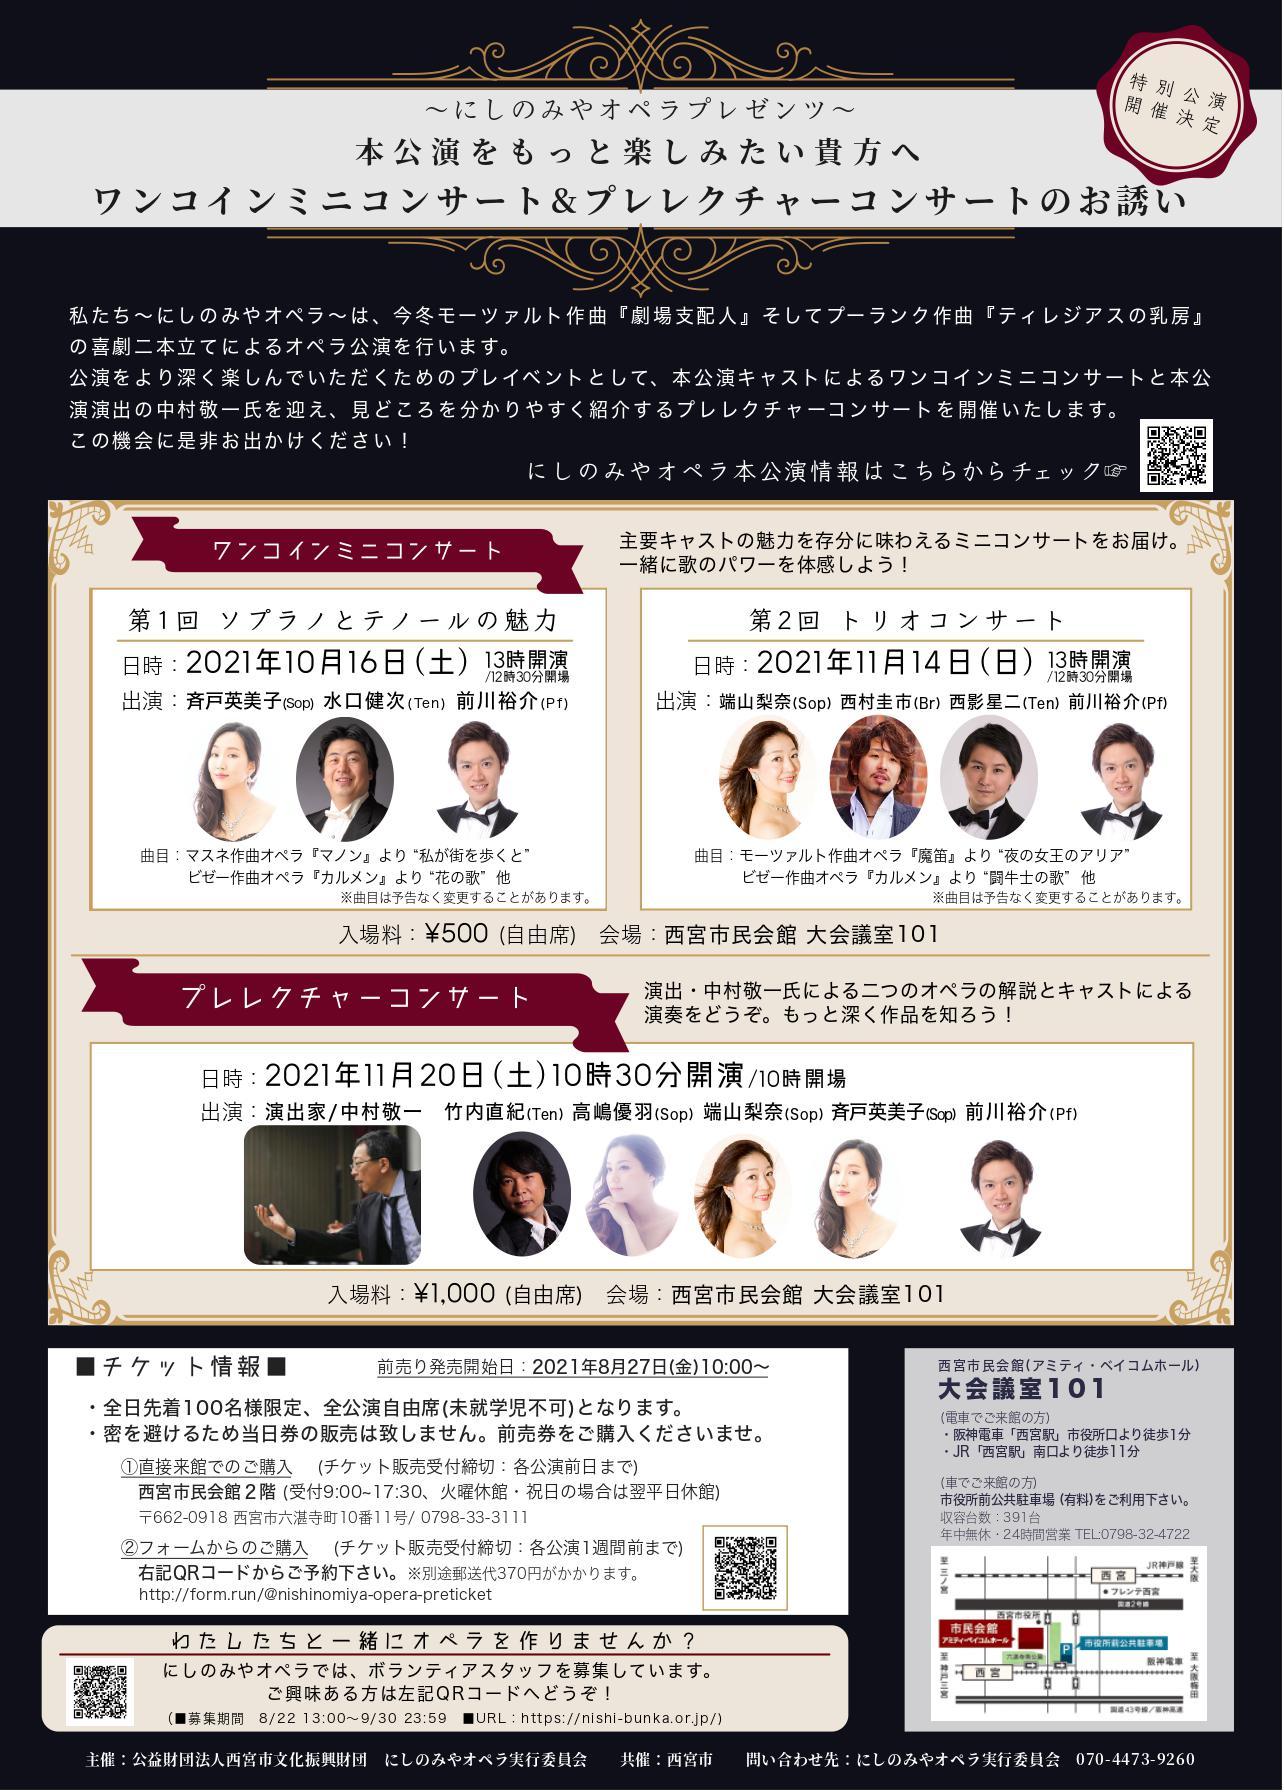 ①②ワンコインミニコンサート③プレレクチャーコンサート